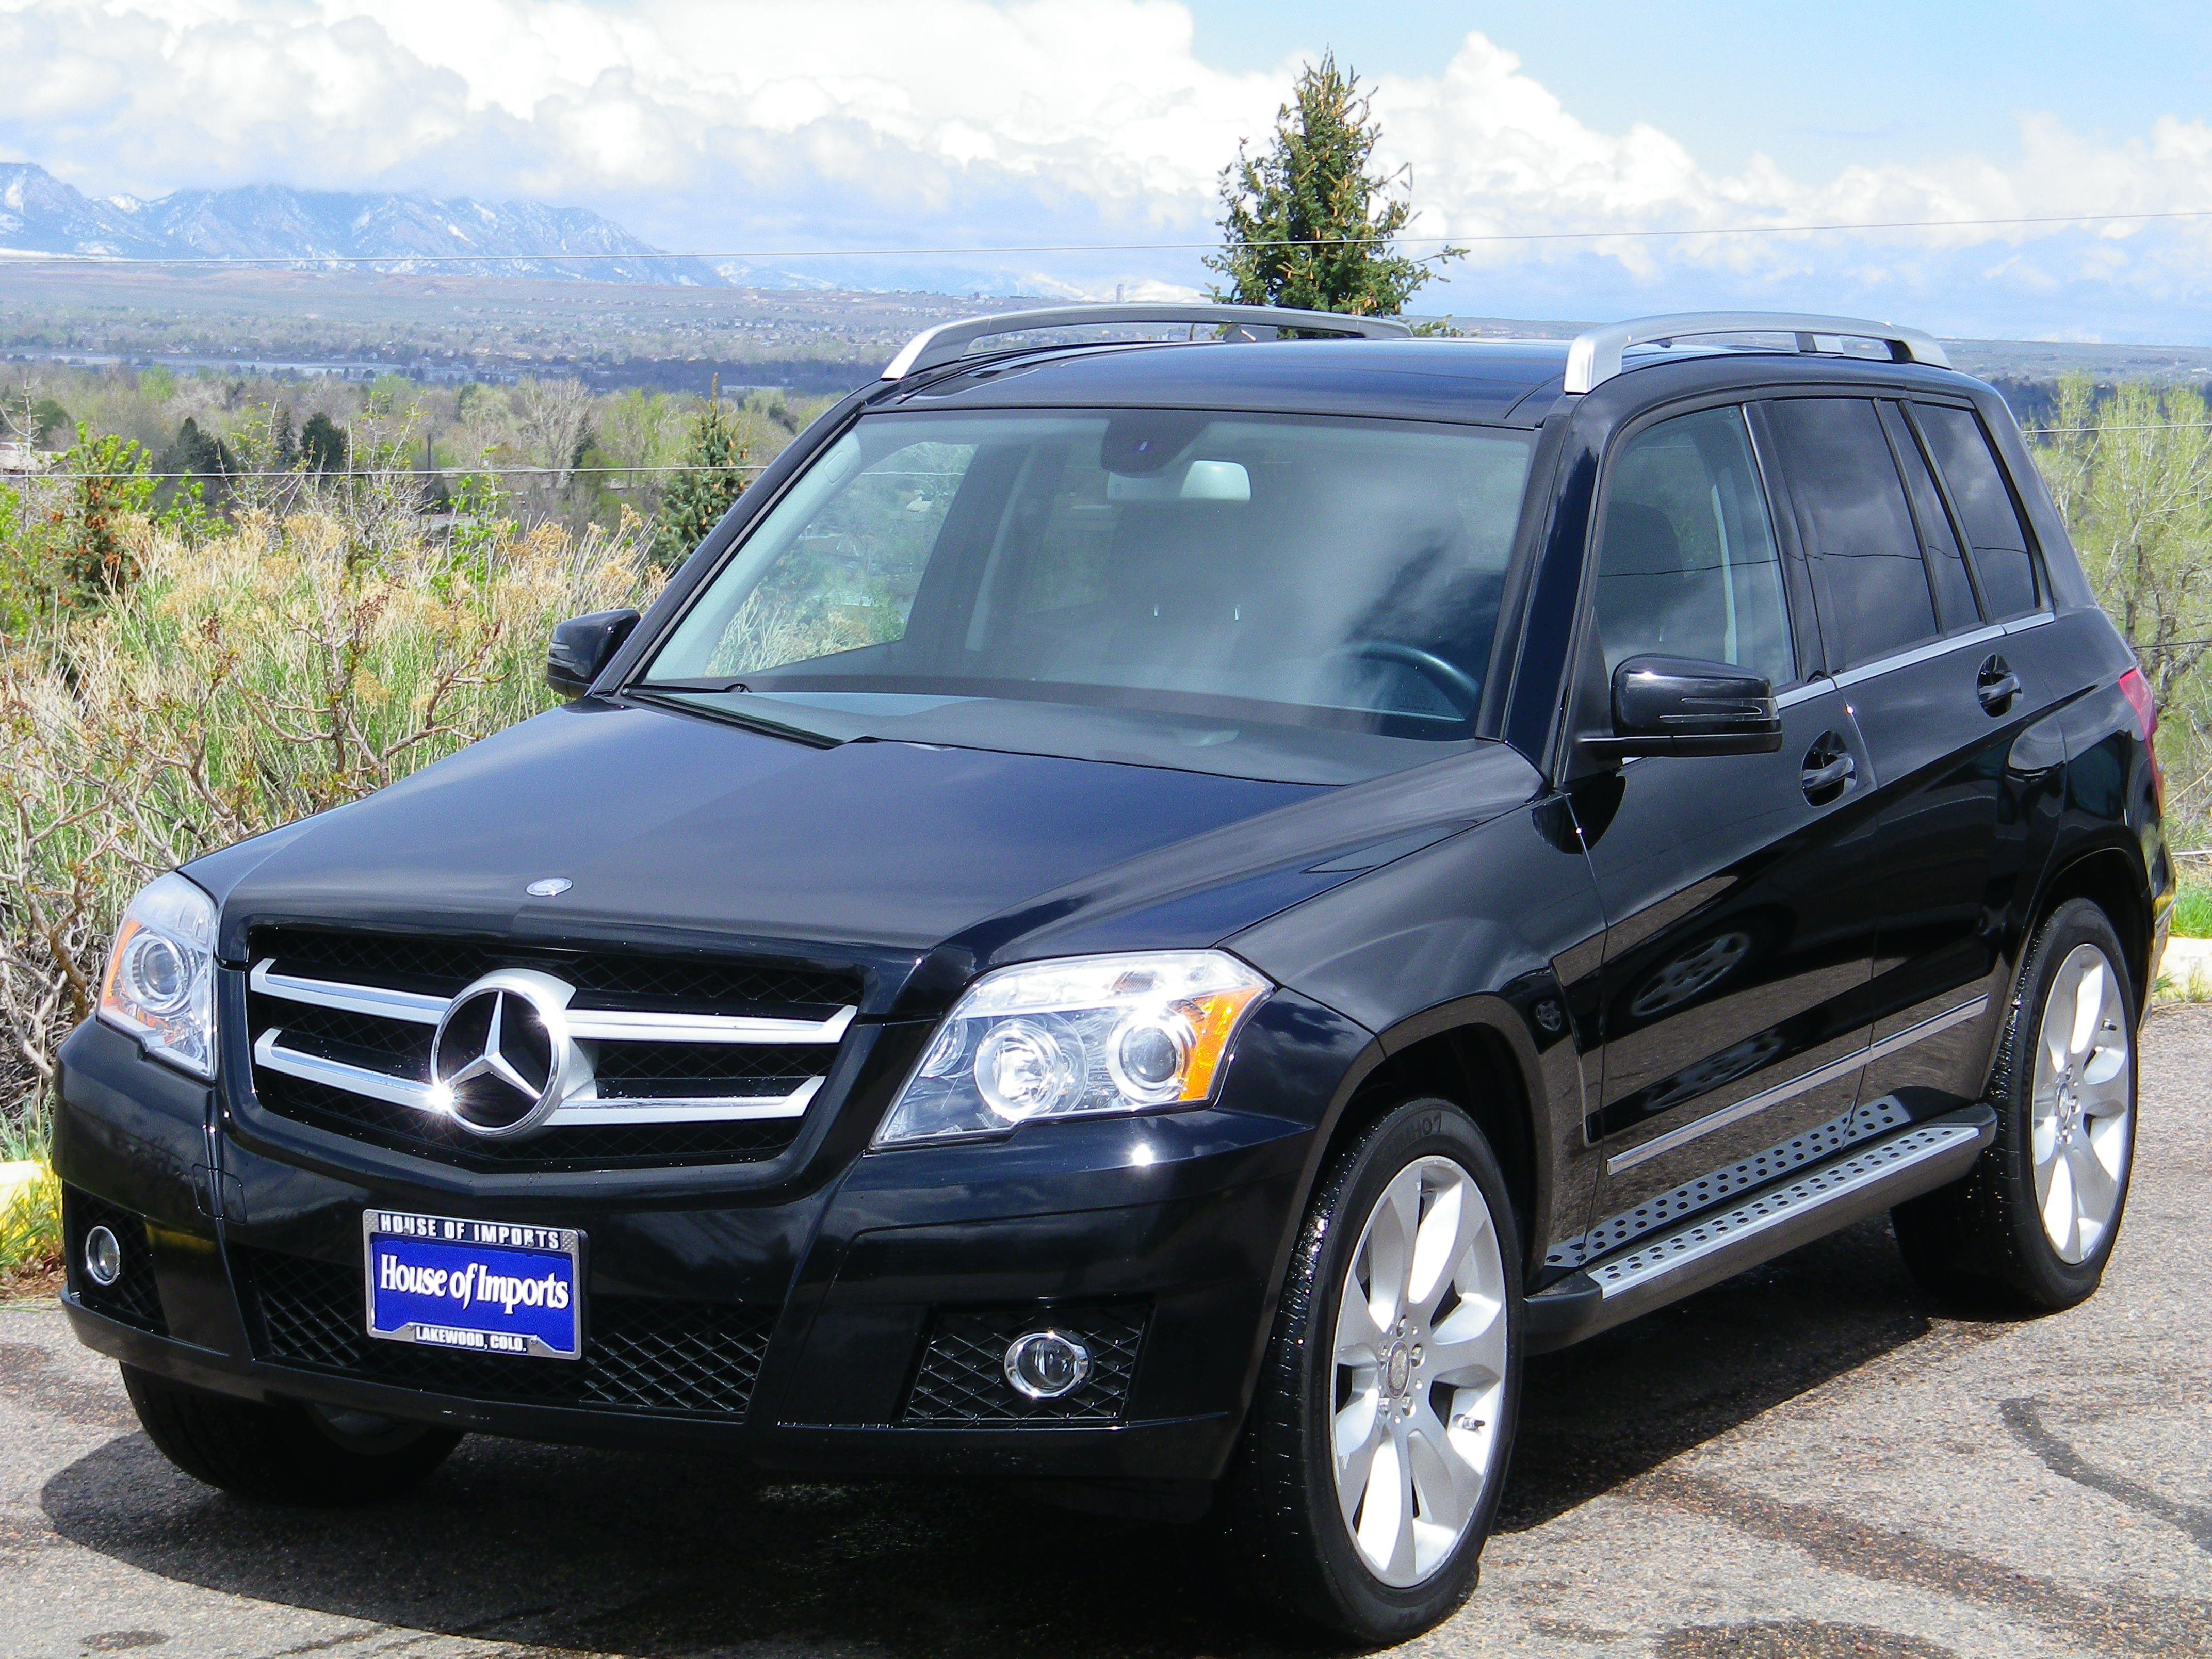 Marvelous 2010 Mercedes Benz GLK350 4 Matic Odometer: 55,695 V.I.N. #:  WDCGG8HB0AF322211 Stock #: C562 Exterior Color: Black Interior: Black House  Of Imports 9720 W ...